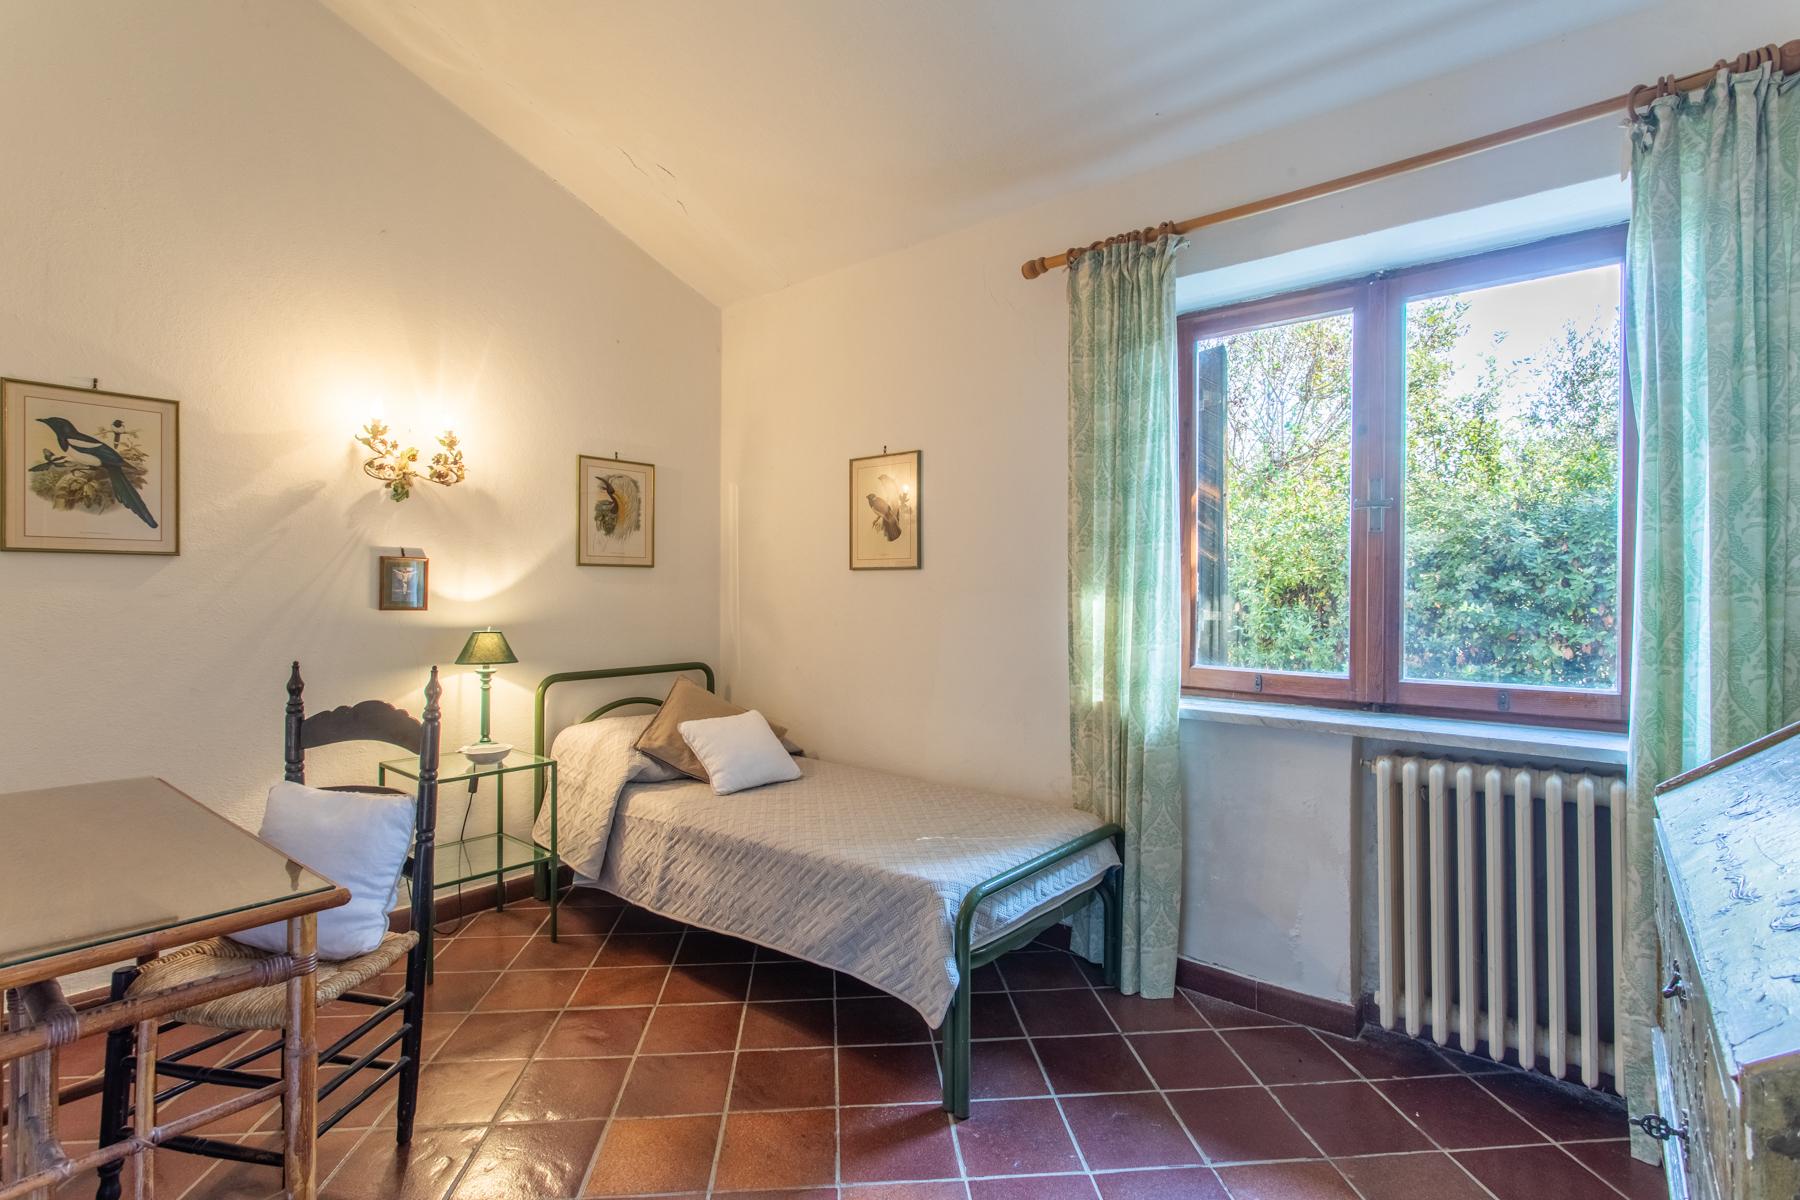 Villa in Vendita a Orbetello: 5 locali, 240 mq - Foto 20